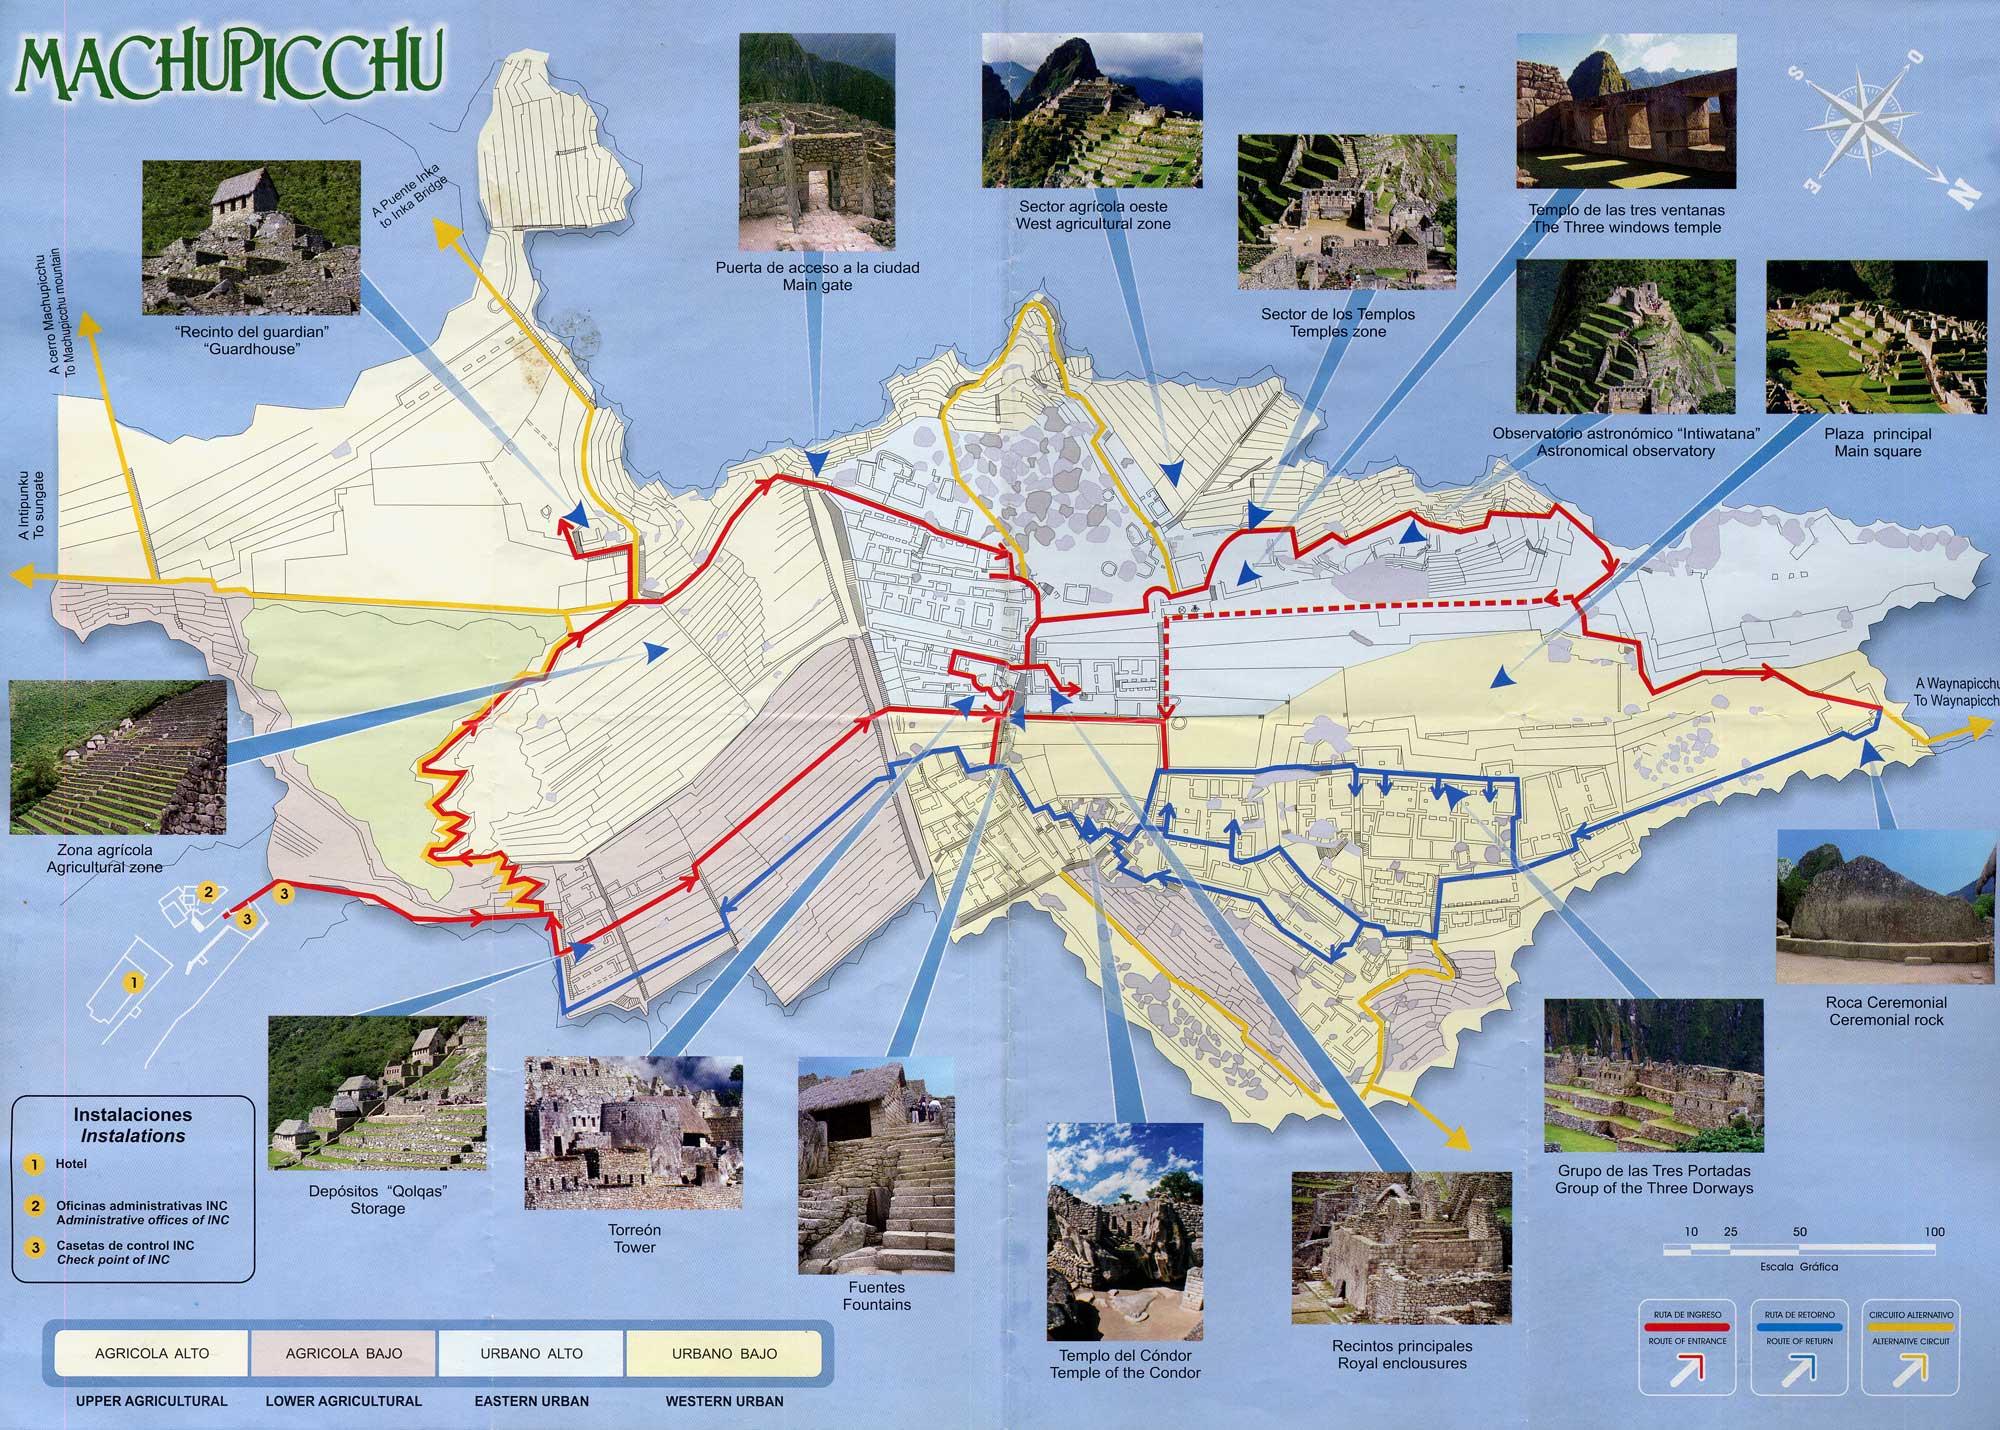 Mapa oficial con los puntos de interés del Machu Picchu